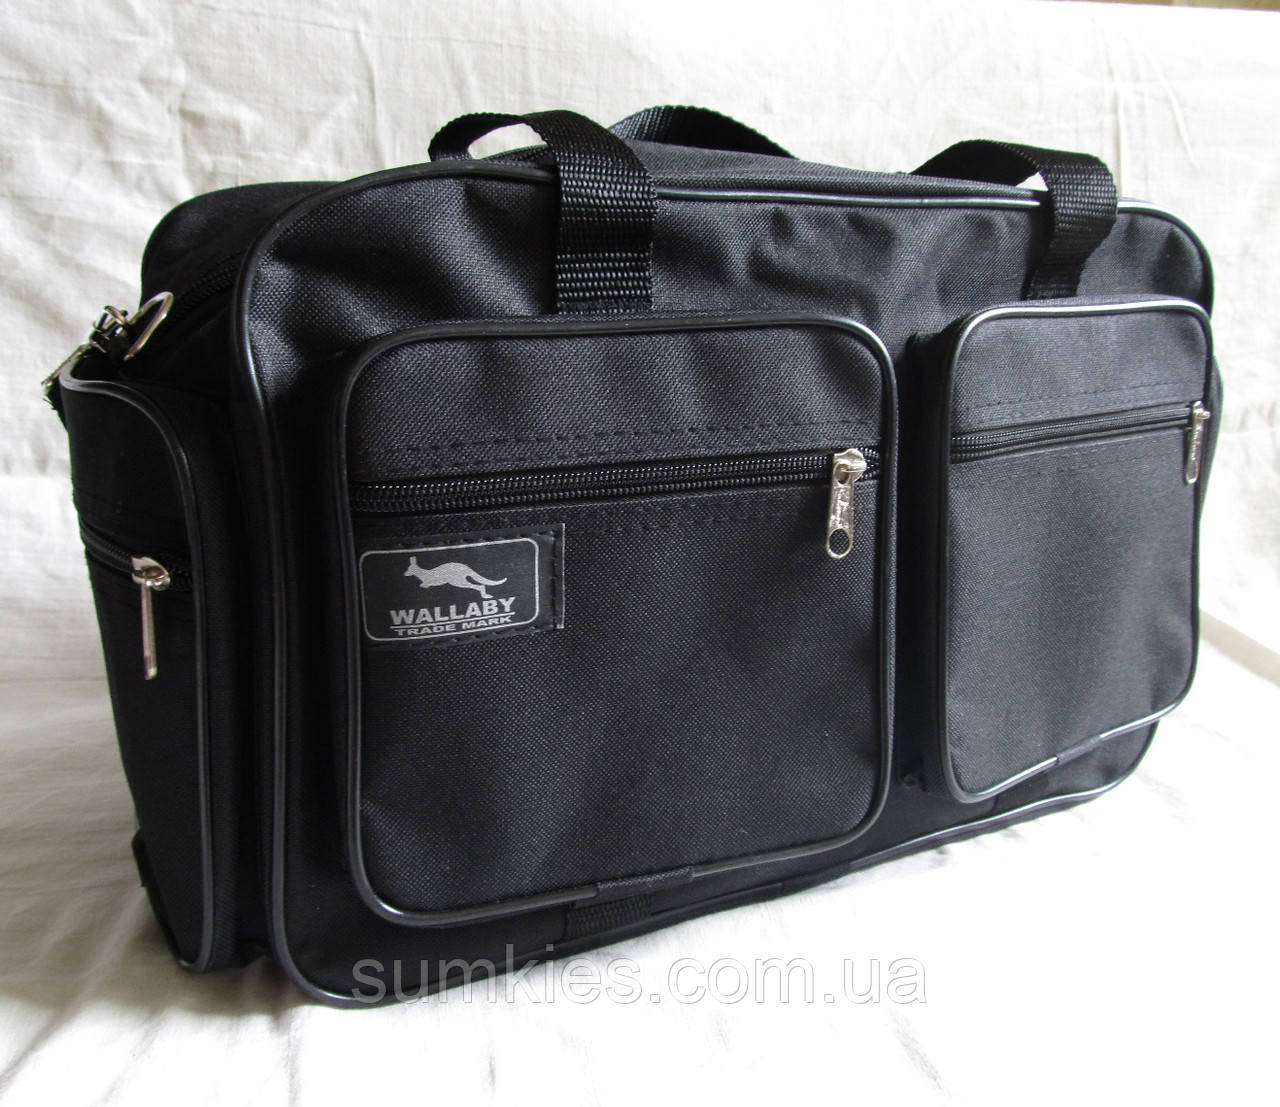 Мужская сумка через плечо дорожная много карманов портфель А4+ в2760 черная  38x24x16см